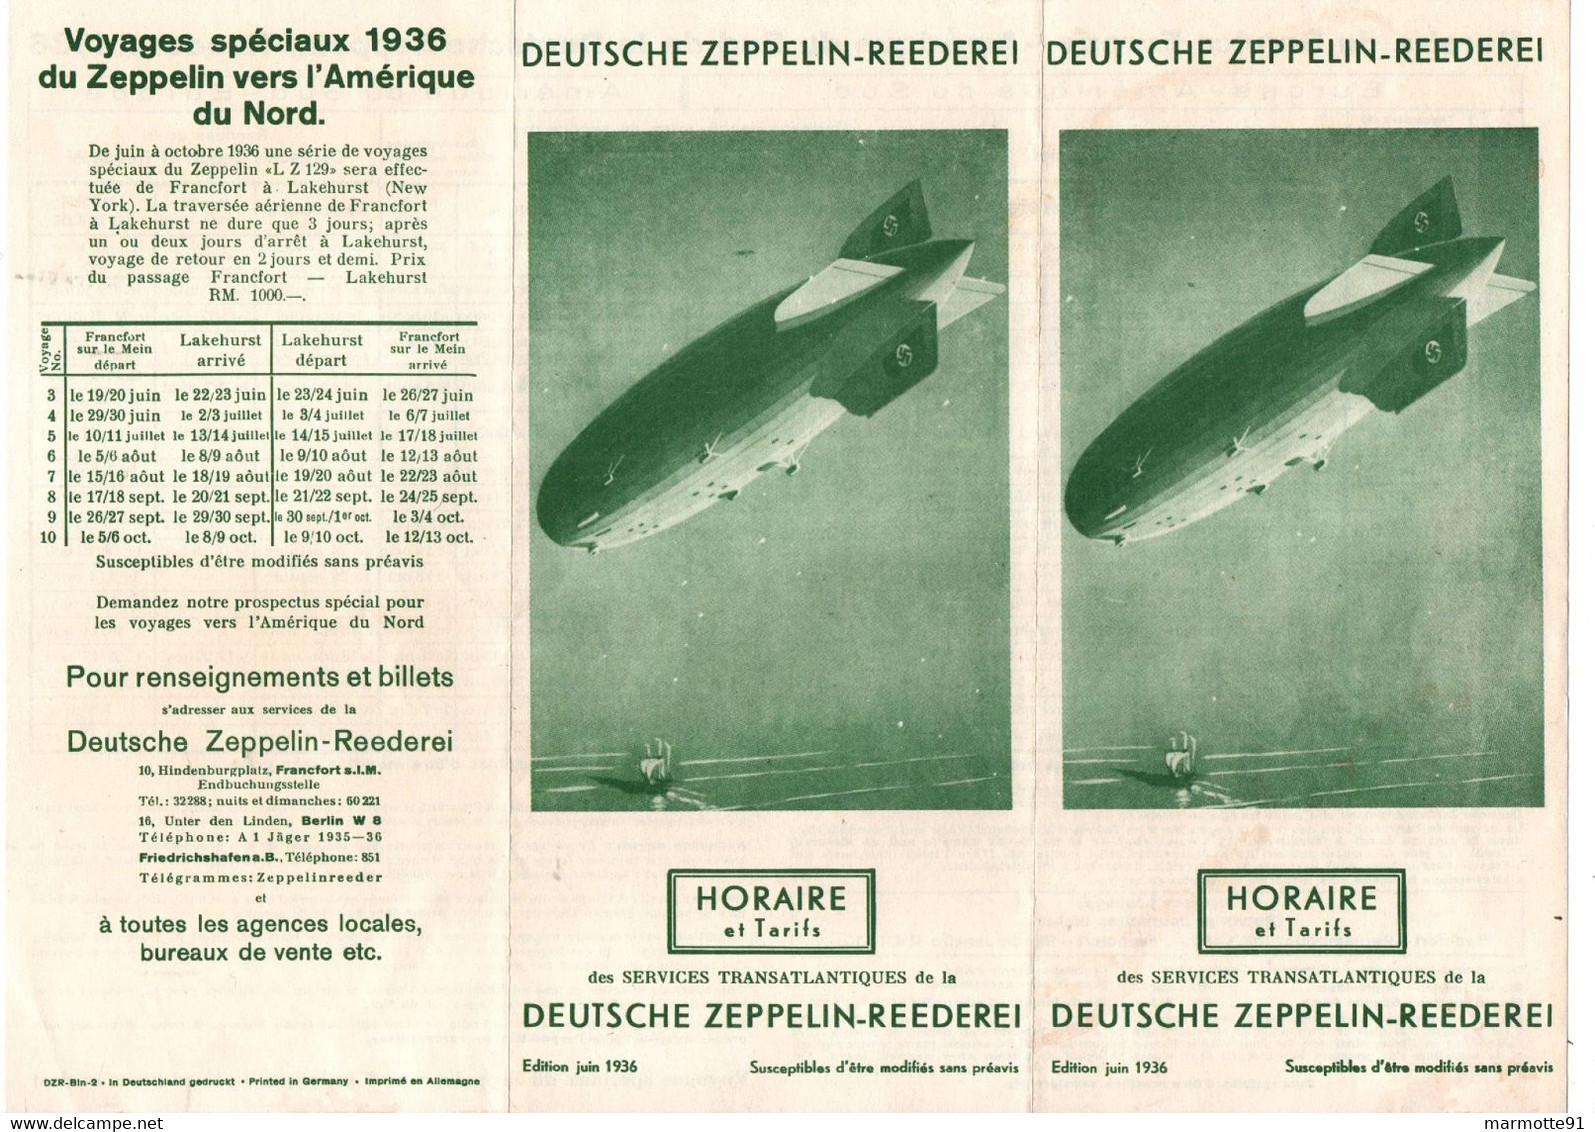 DEUTSCHE ZEPPELIN REEDEREI HORAIRE TARIFS 1936 ALLEMAGNE AMERIQUE DU NORD - World